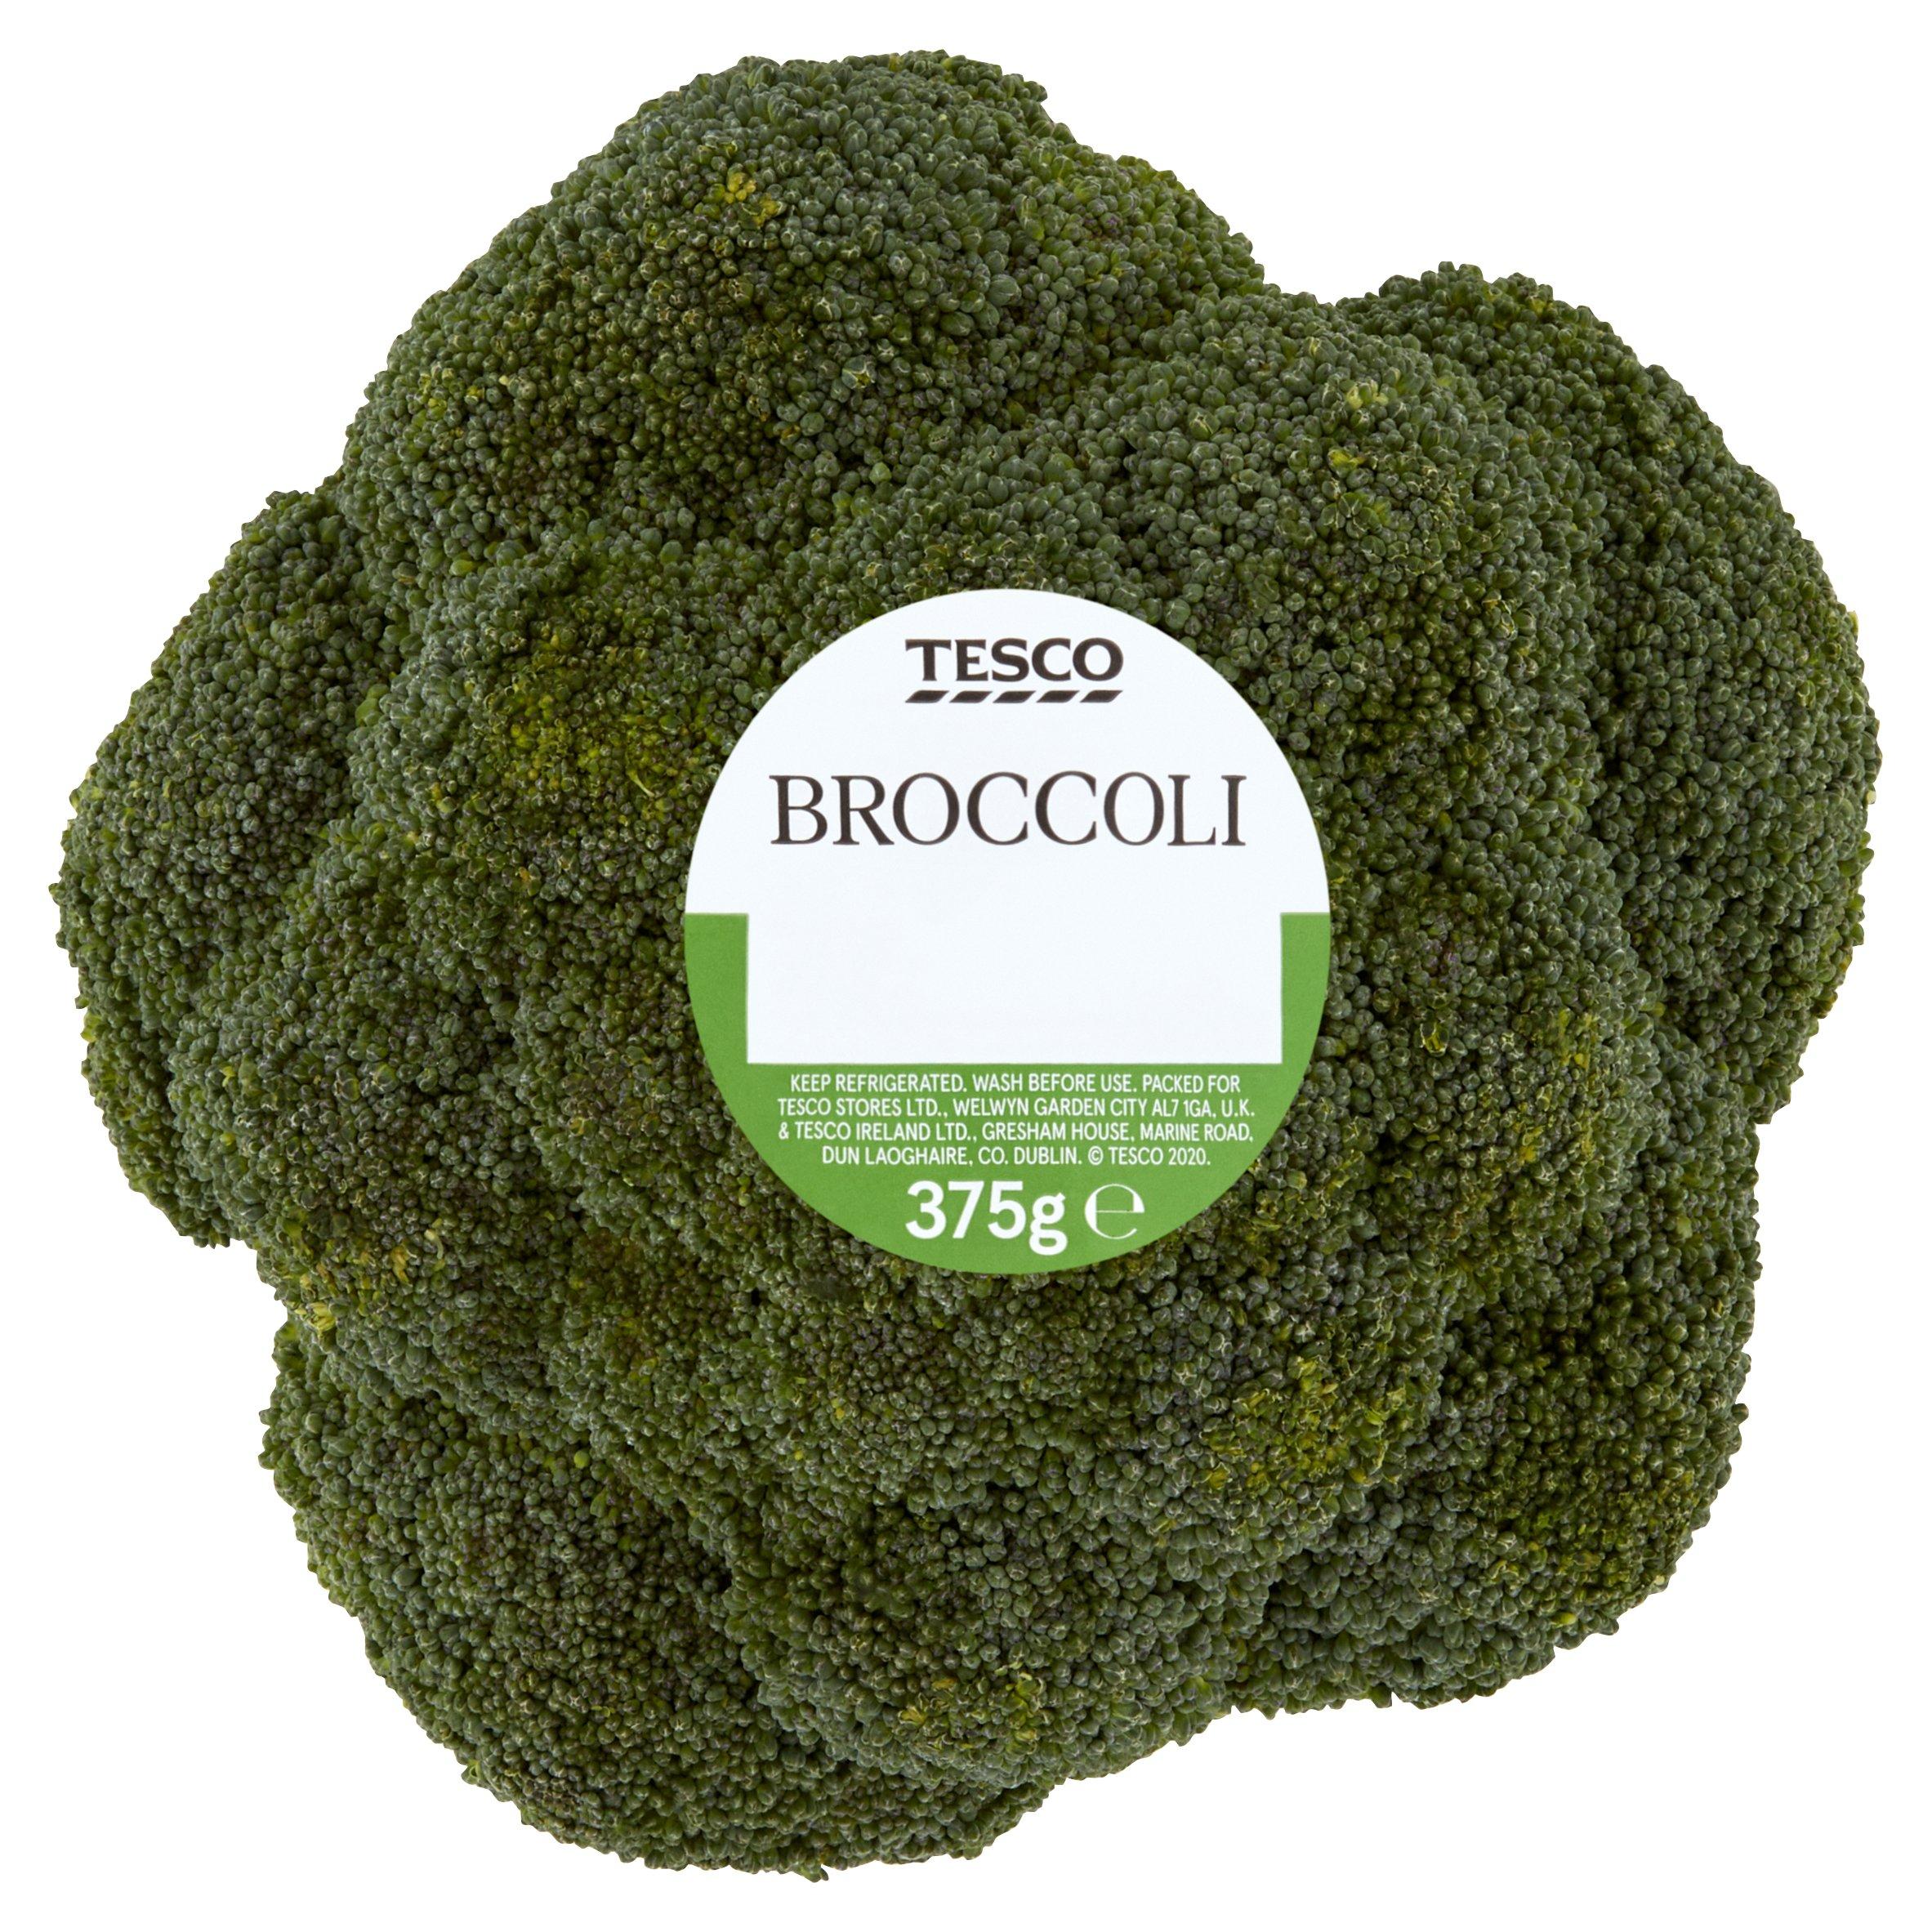 Tesco Broccoli 375G